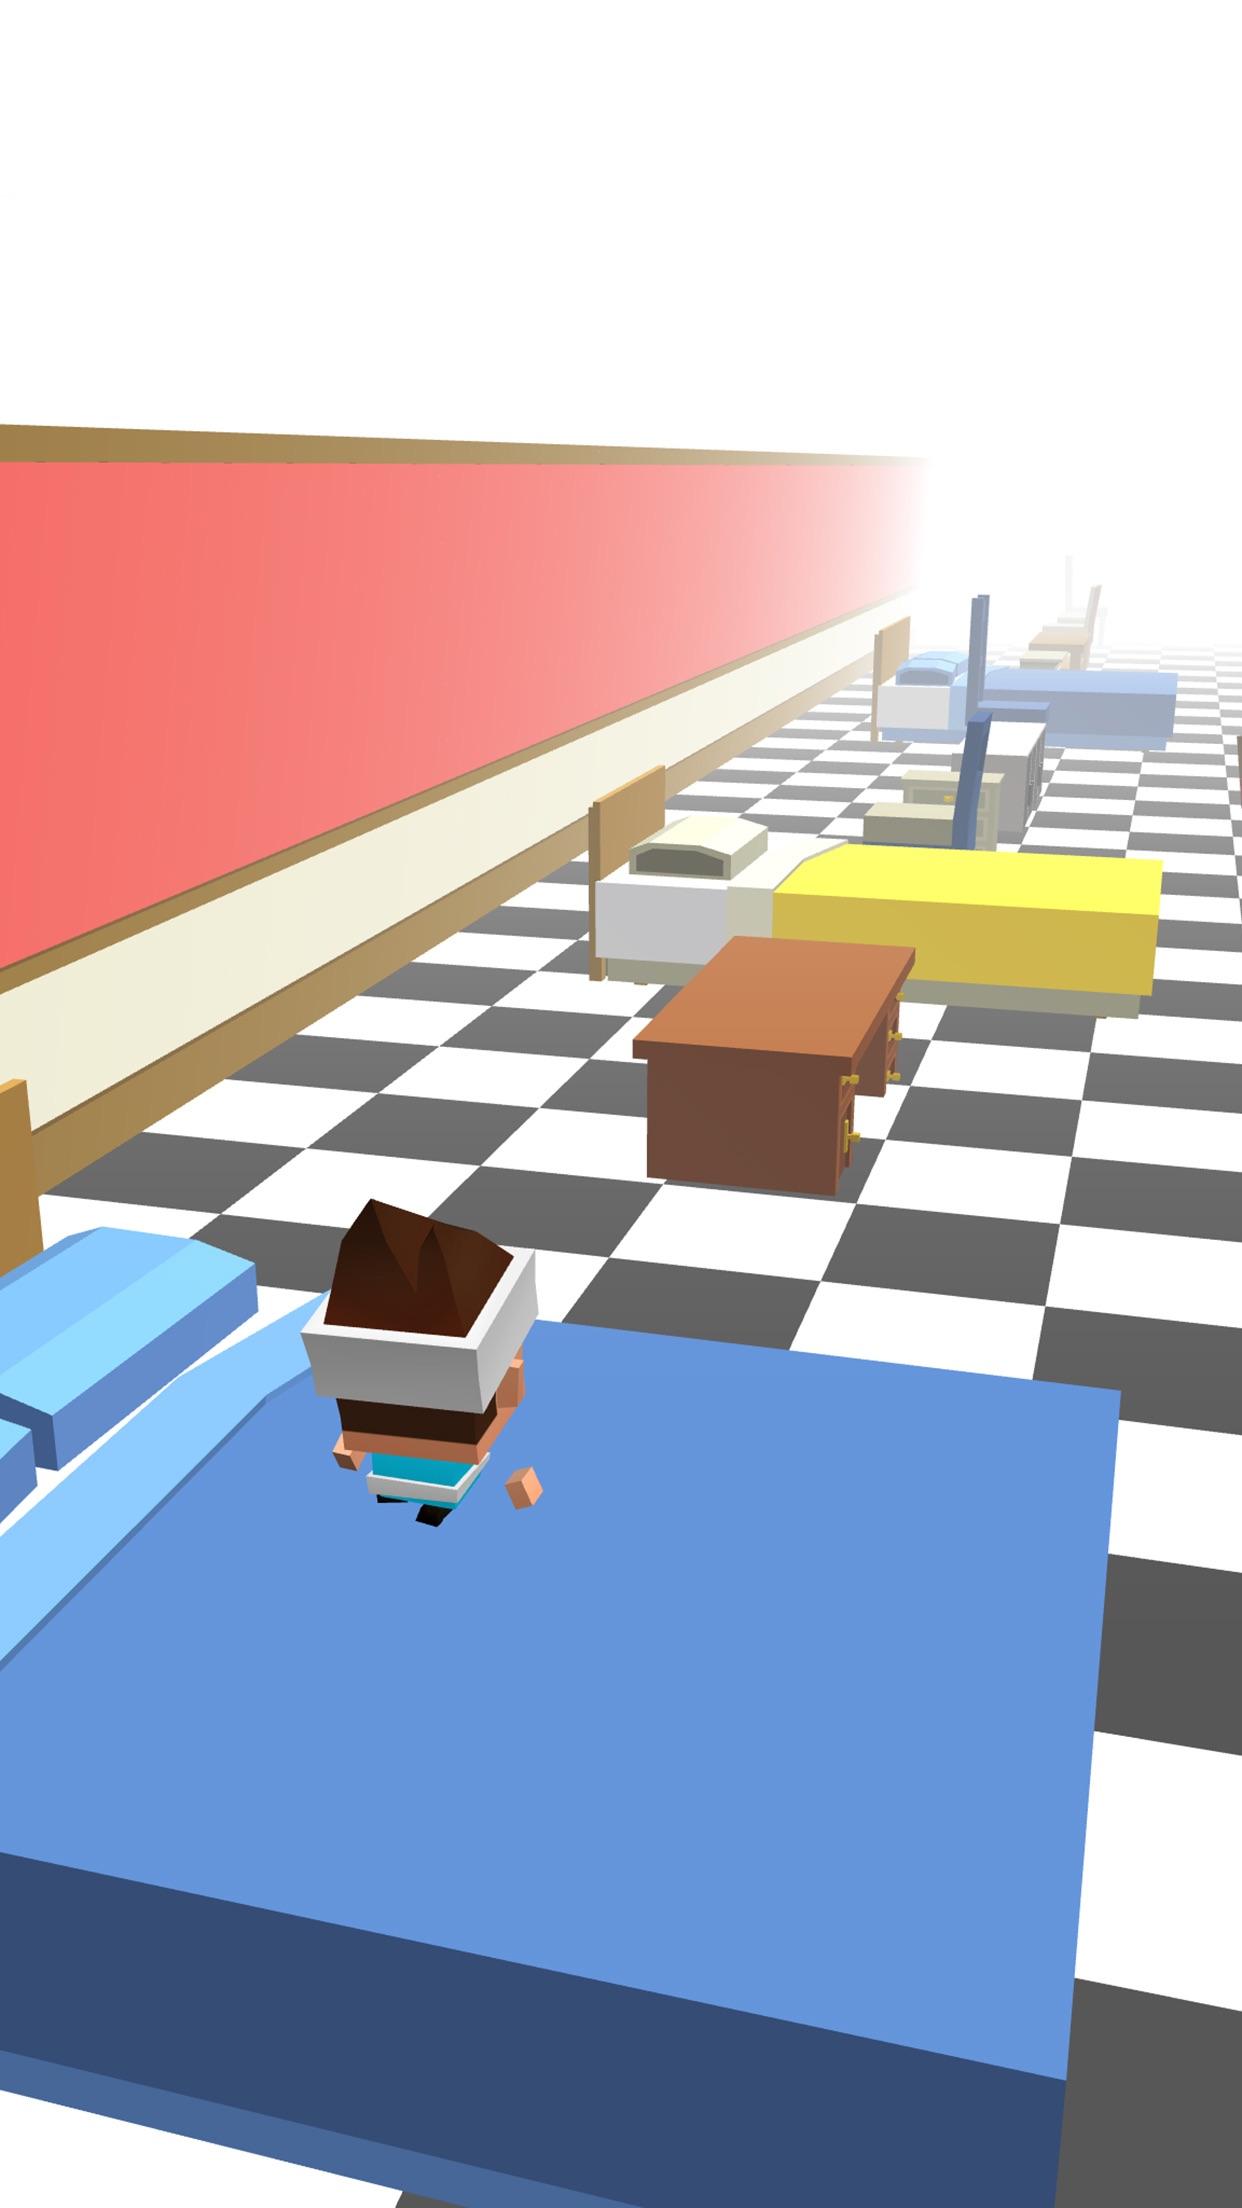 The Floor Is Lava Screenshot